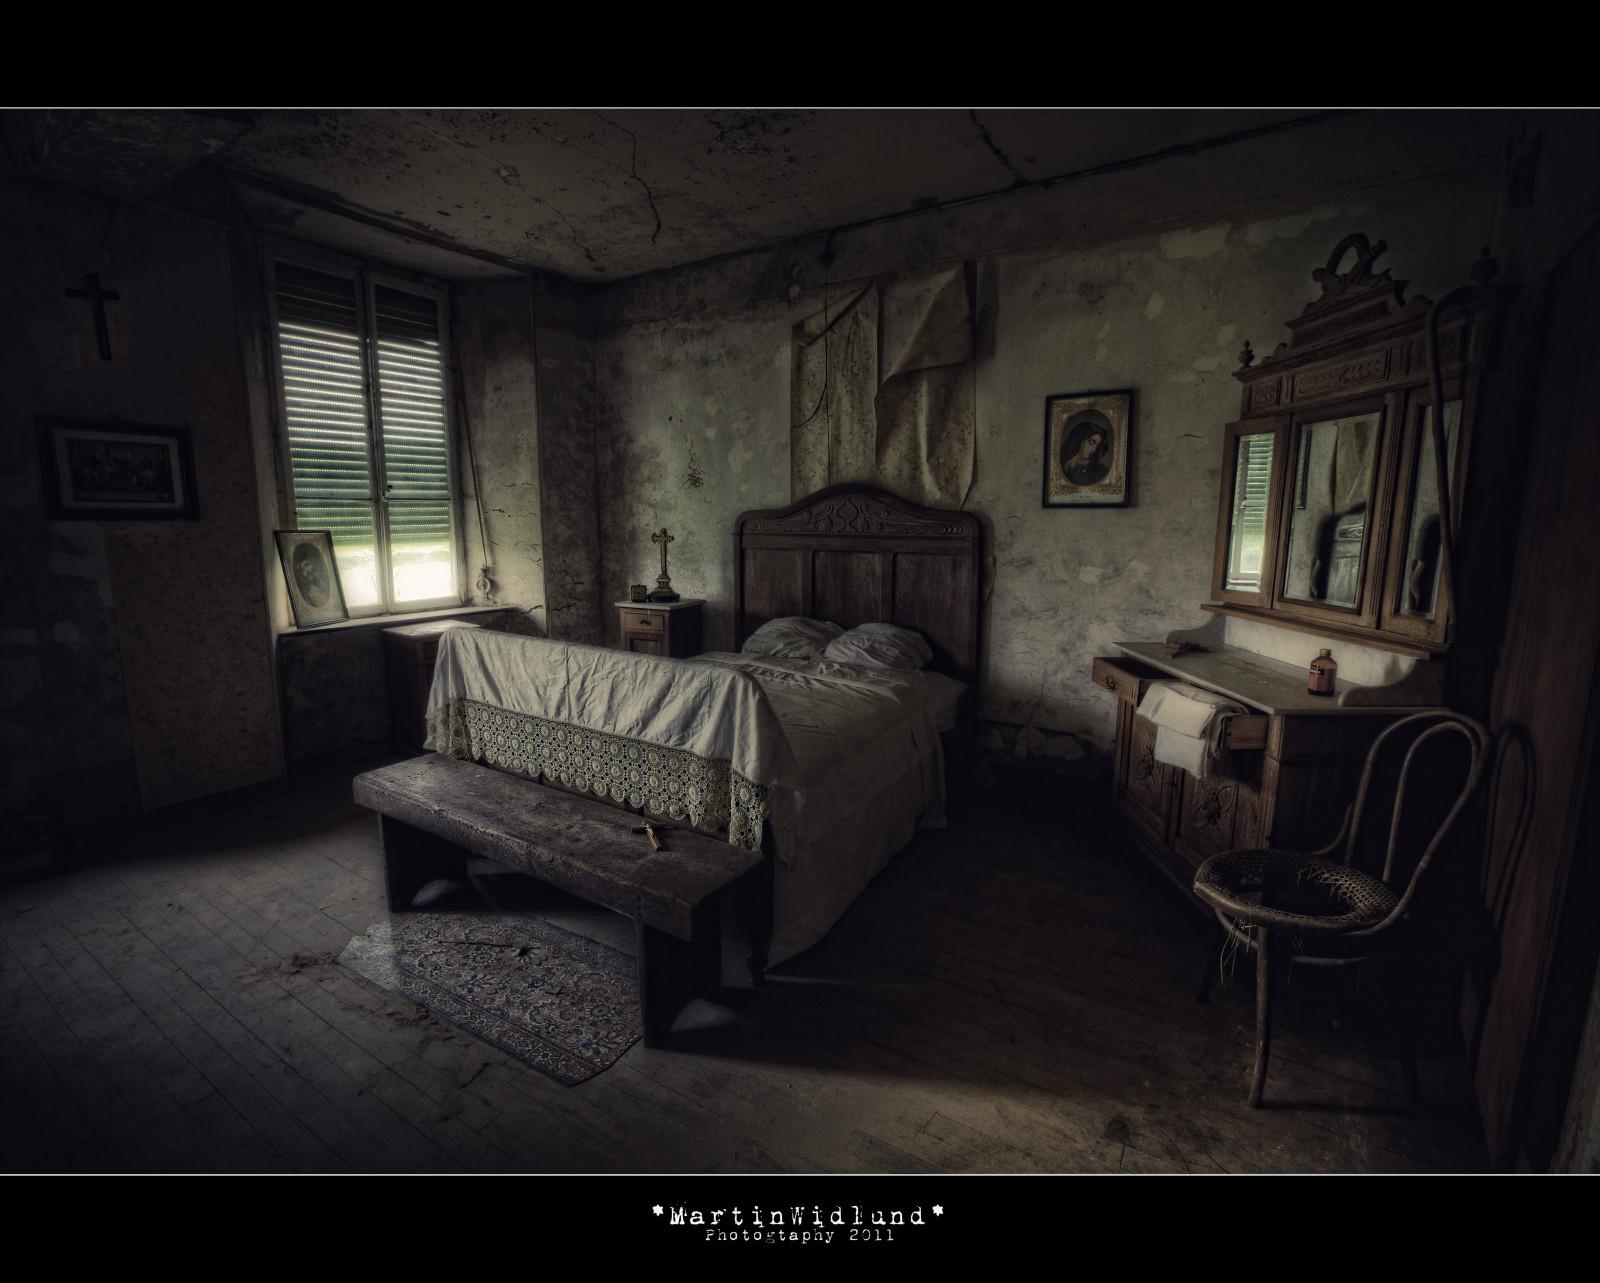 fond d 39 cran vieux fen tre urbain abandonn effrayant lit maison chaise histoire. Black Bedroom Furniture Sets. Home Design Ideas